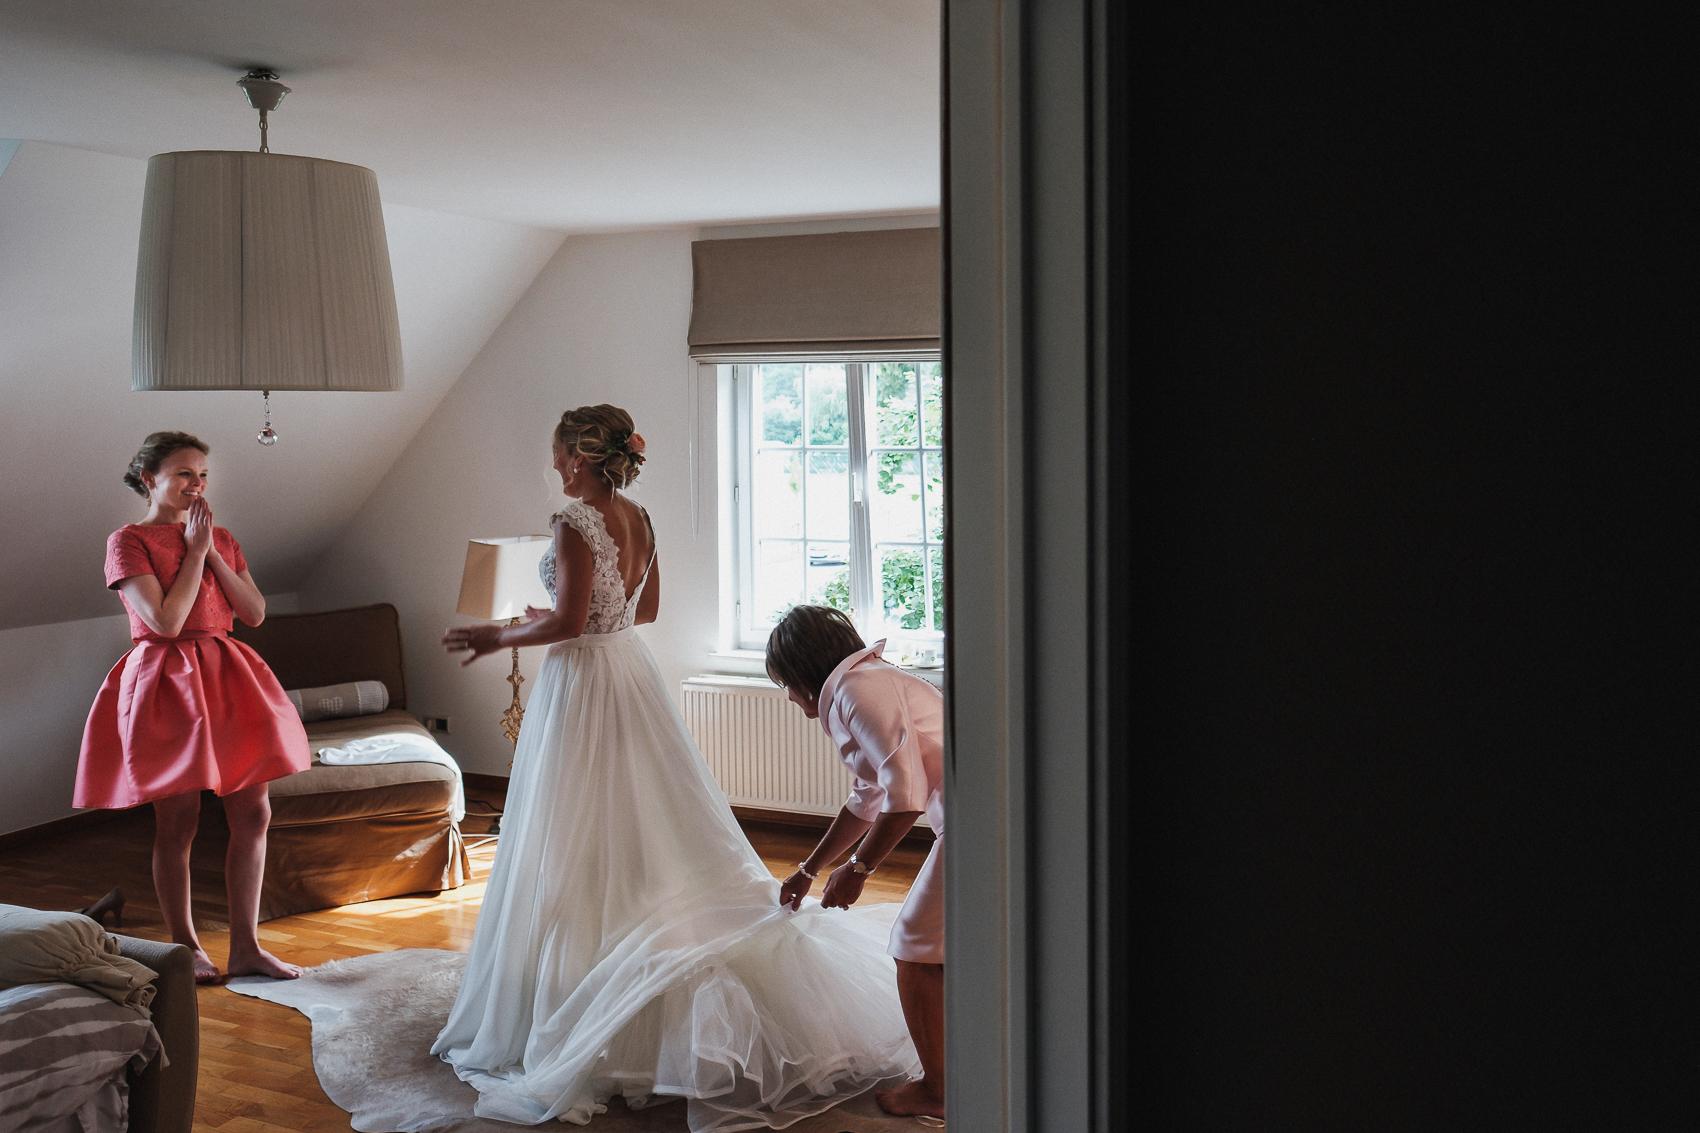 iso800 - fotograaf huwelijk ruth michiel -9.jpg